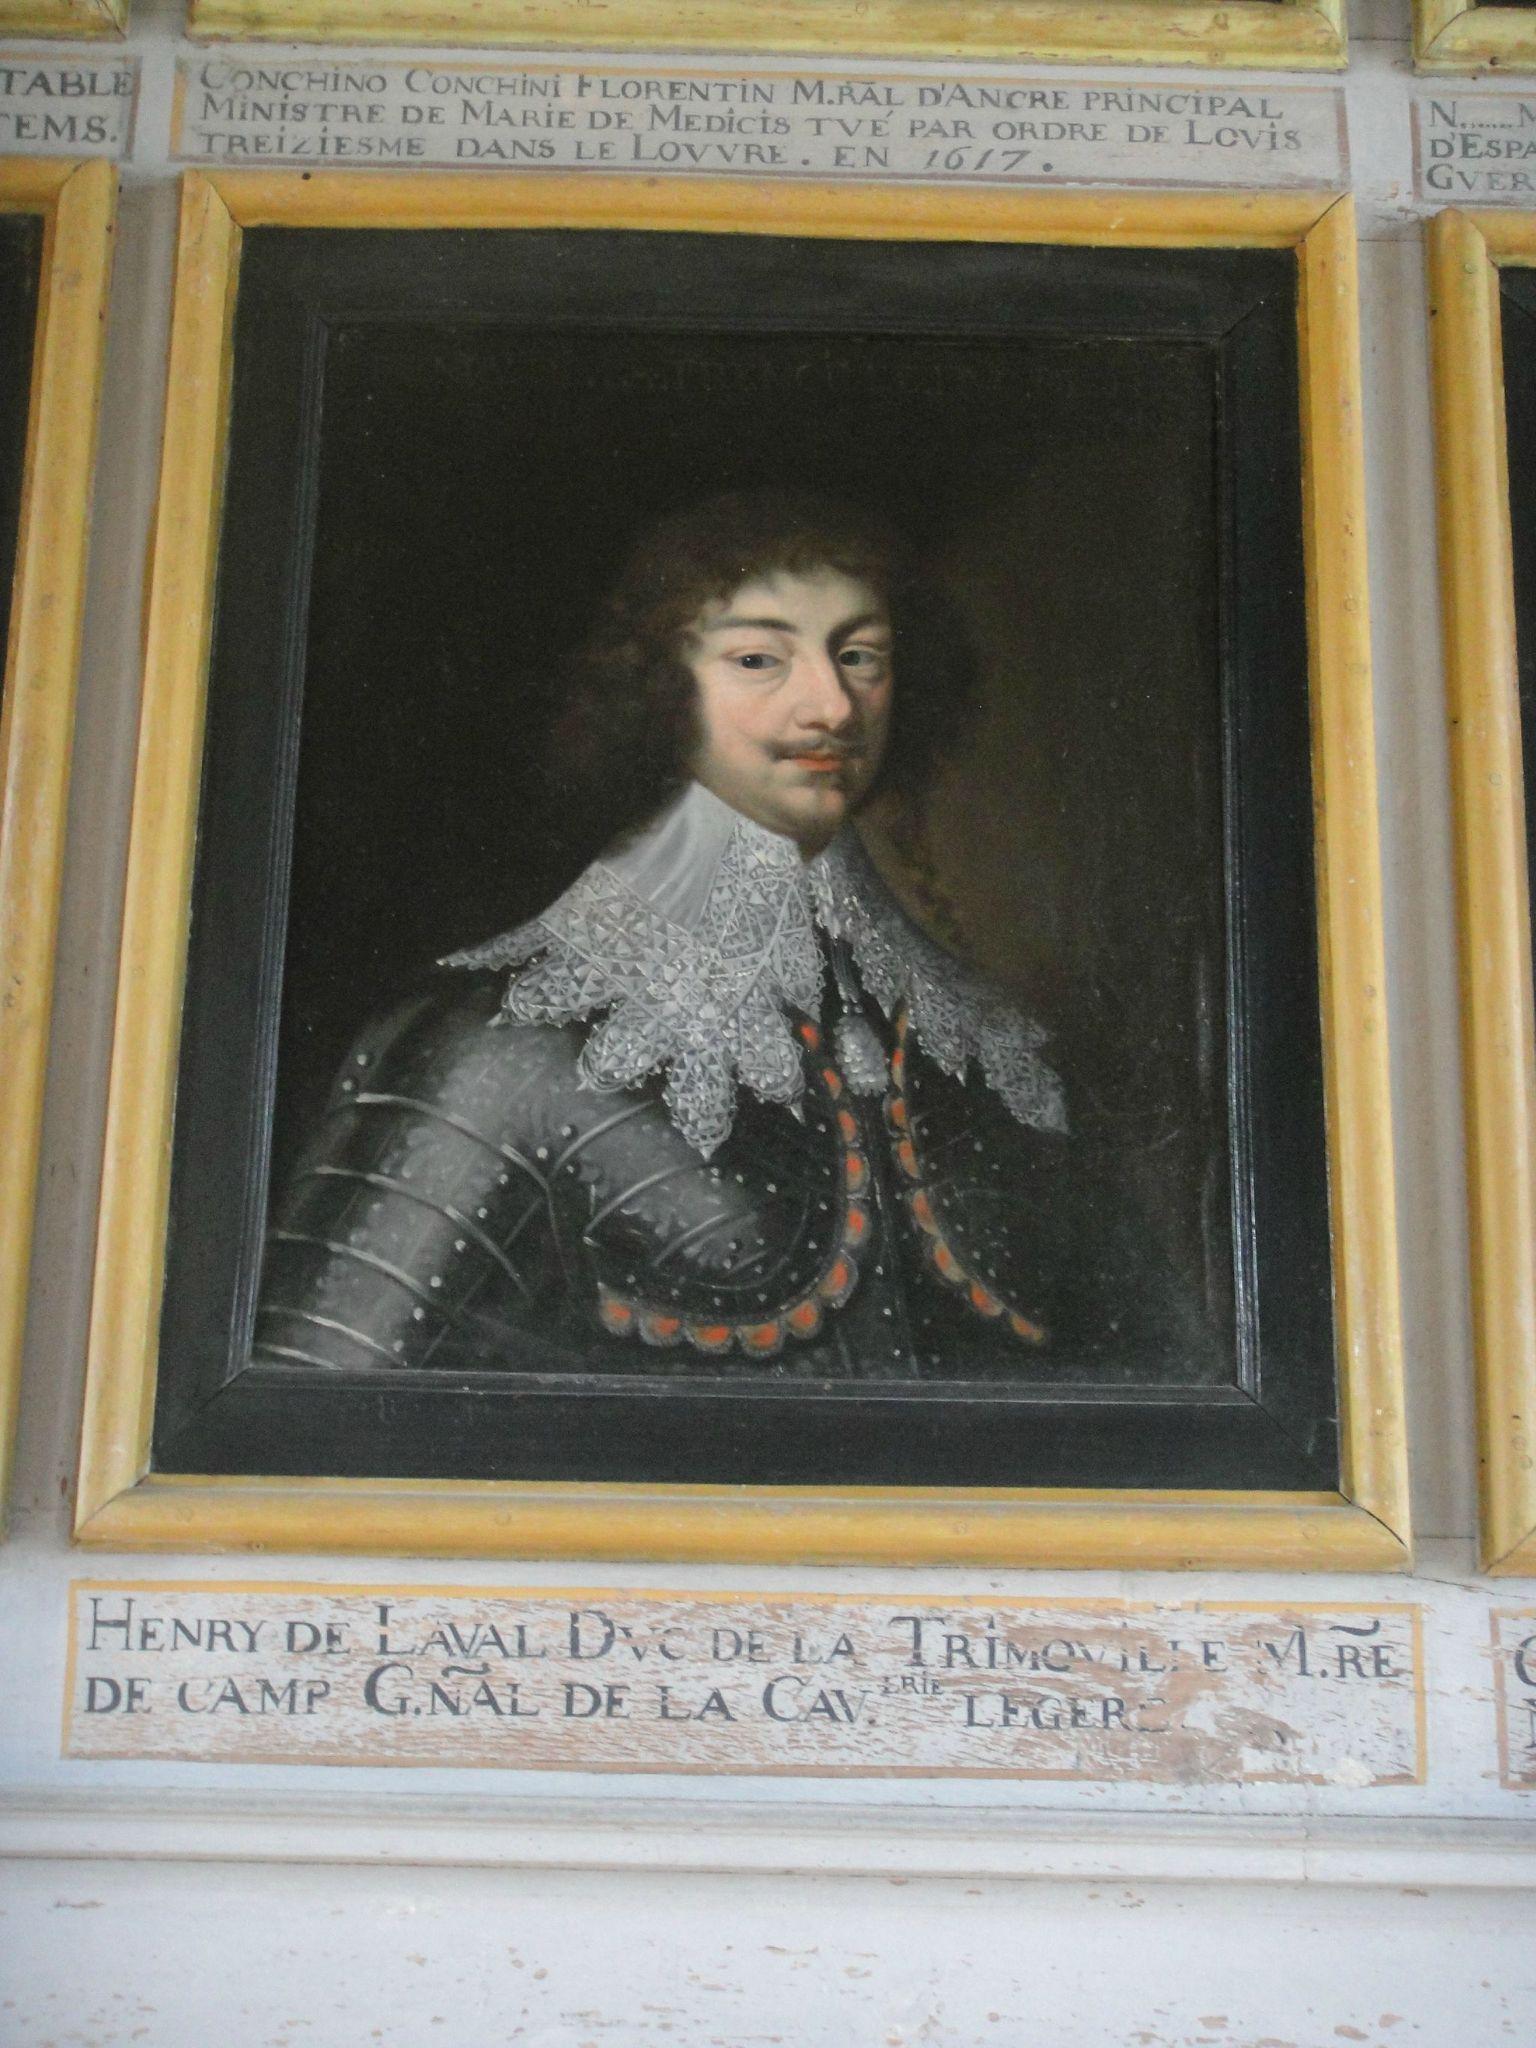 Messire Henri de Laval de La Trémoïlle, 3ème. Duc de Thouars et de La Trémoïlle, Pair de France, Prince de Talmont et de Tarente, Comte de Laval (1598-1674).